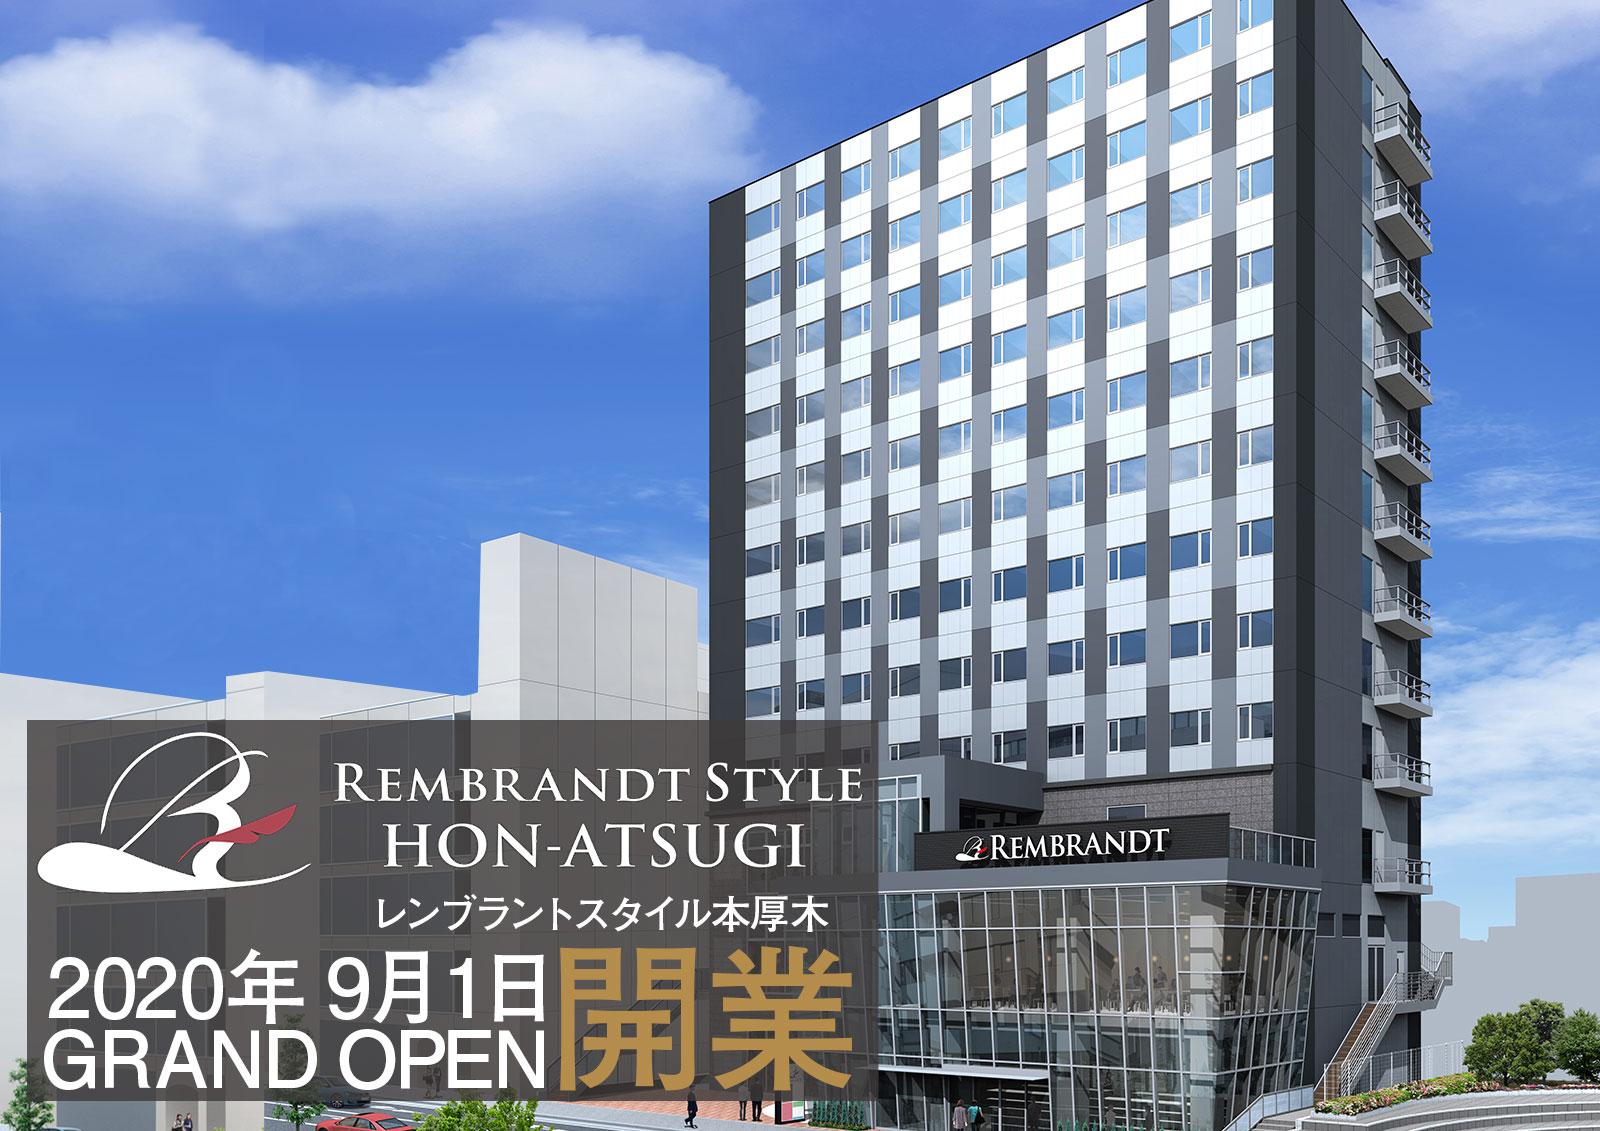 本厚木 外観【公式】レンブラントスタイル本厚木| レンブラントグループホテル